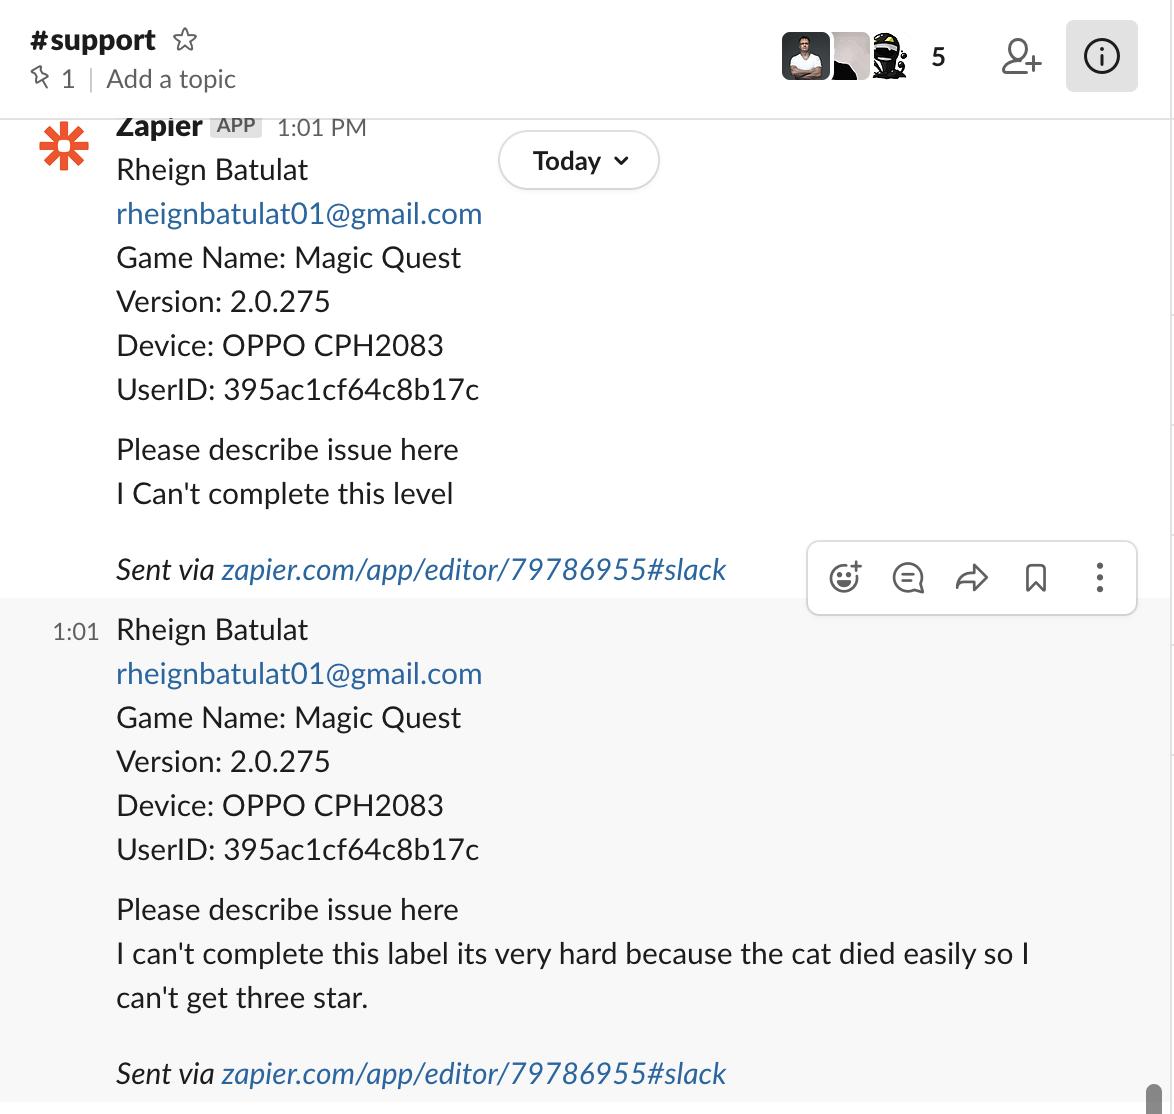 Сообщение с фидбэком игрока в Slack